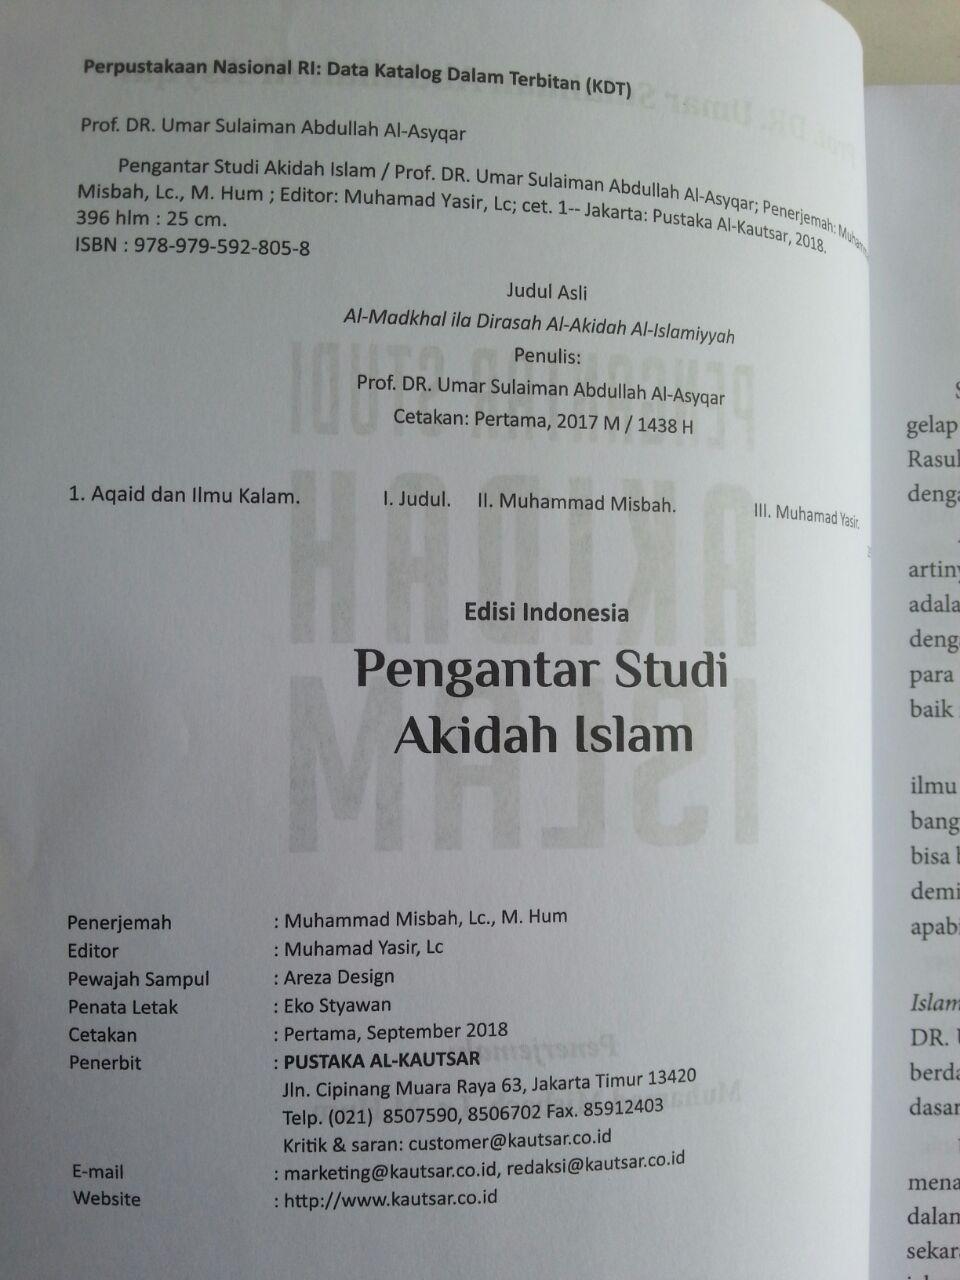 Buku Pengantar Studi Akidah Islam isi